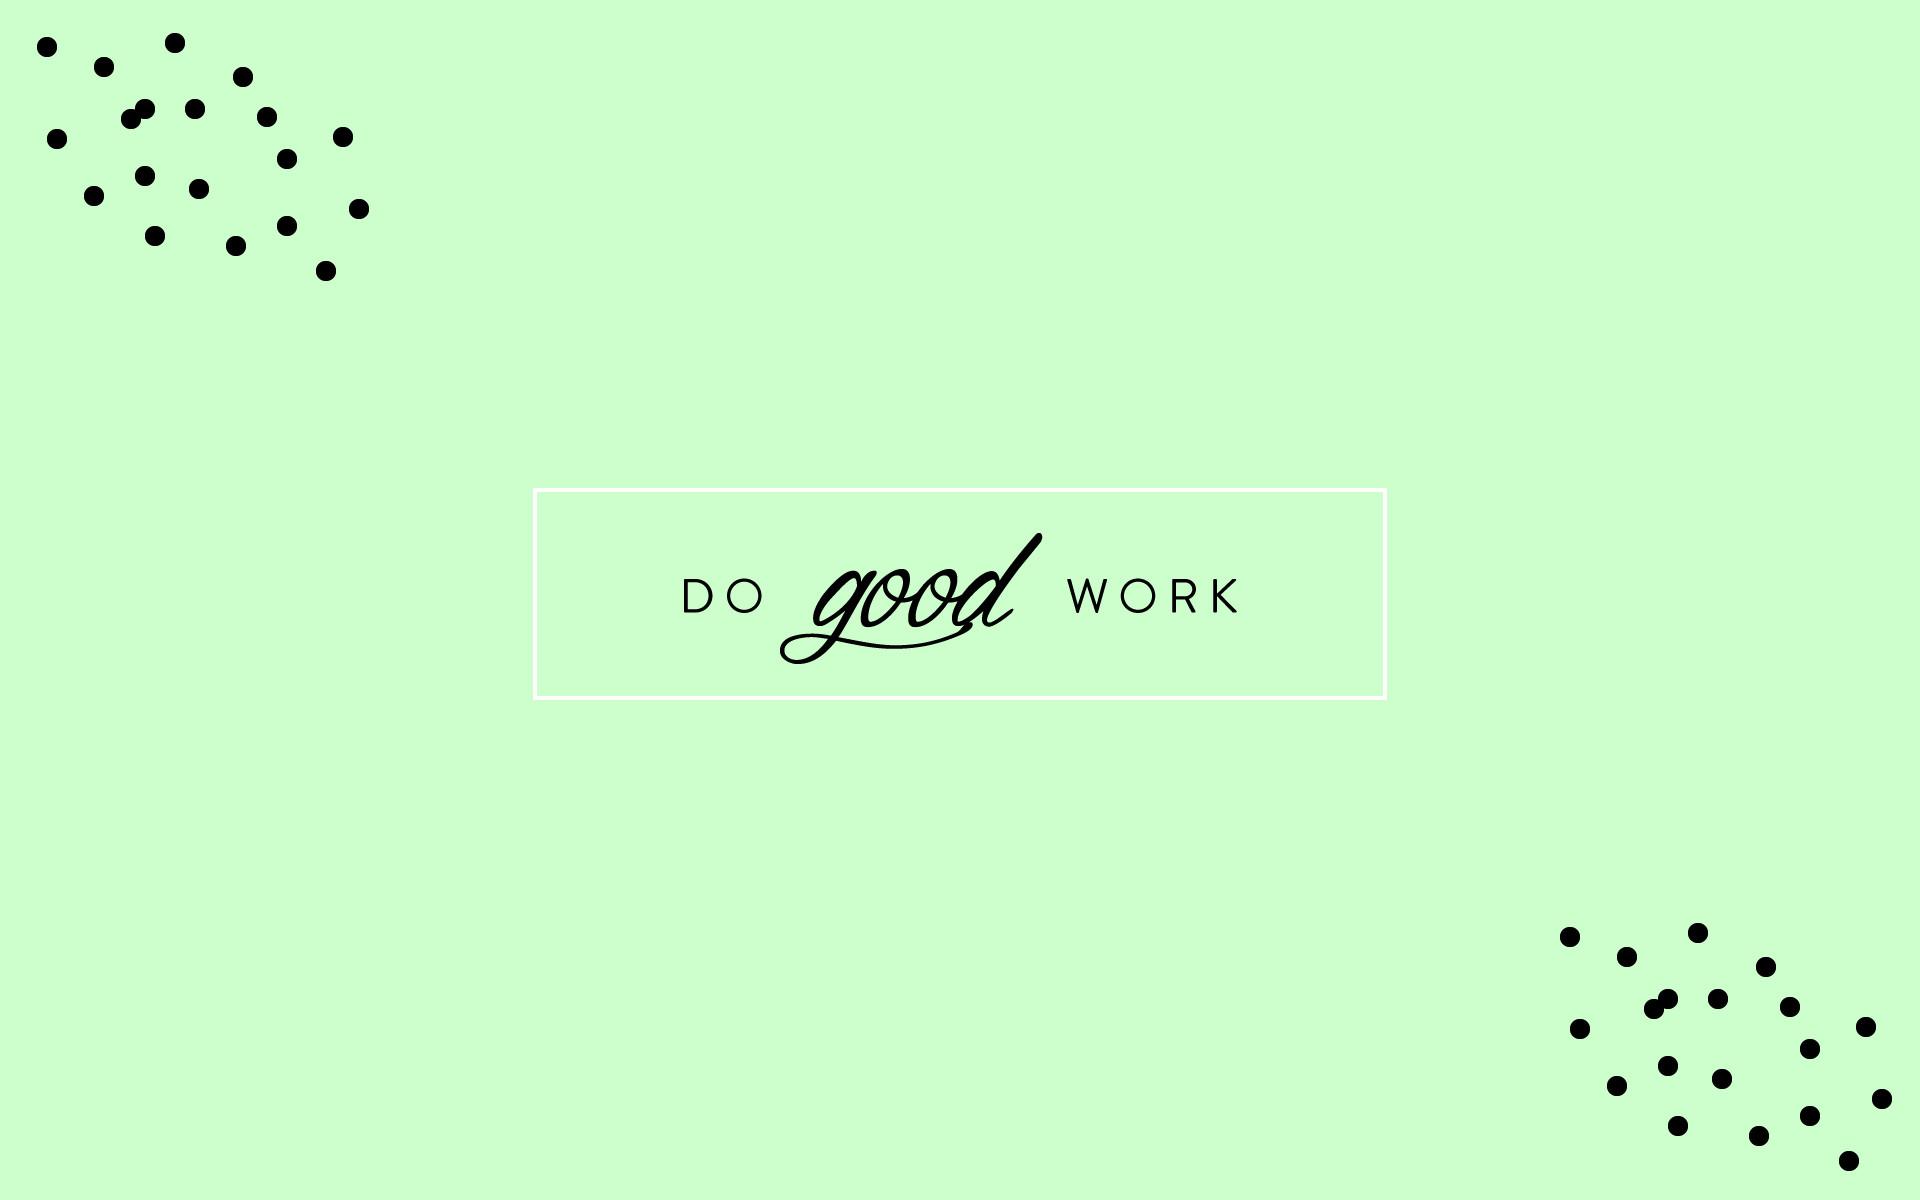 Bts Quotes Wallpaper Iphone Hd Work Desktop Wallpaper 70 Images